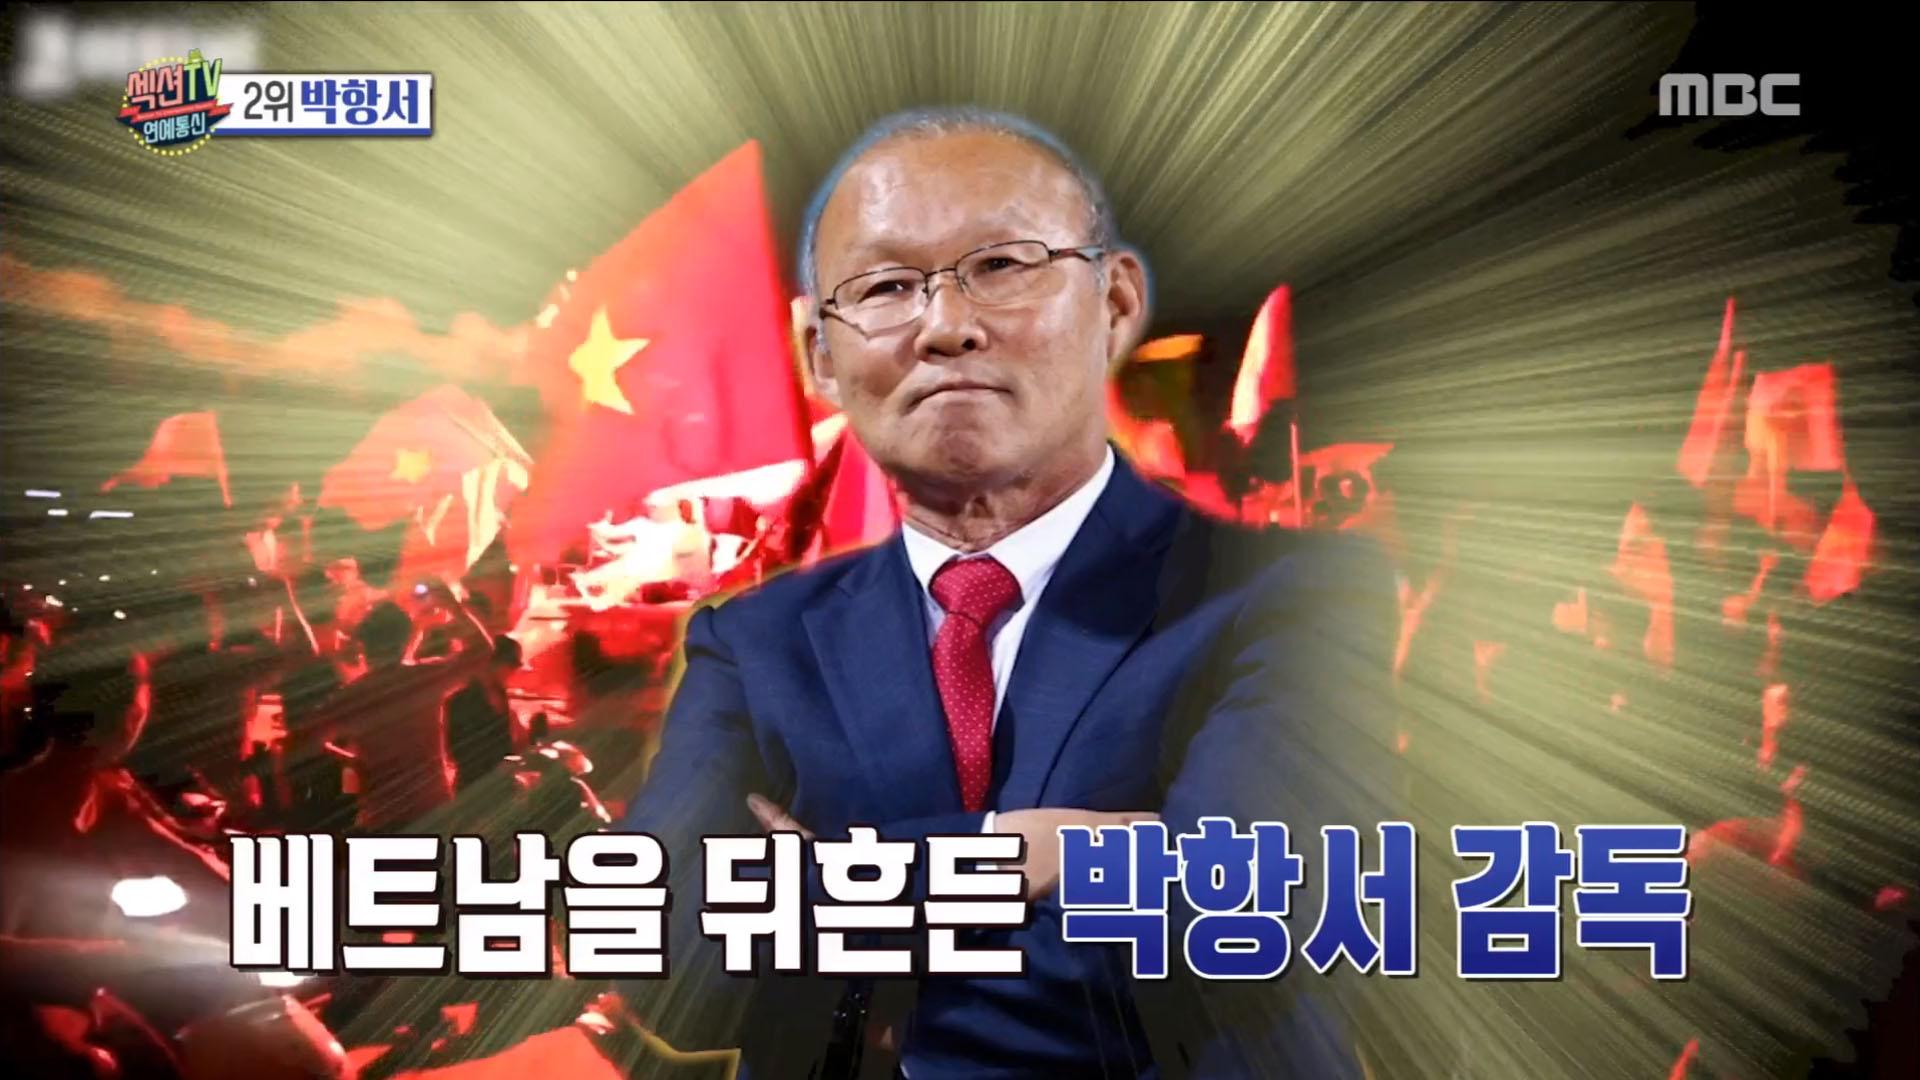 '섹션TV 연예통신' 베트남을 뒤흔든 '항서 매직' 송중기보다 박항서 감독!